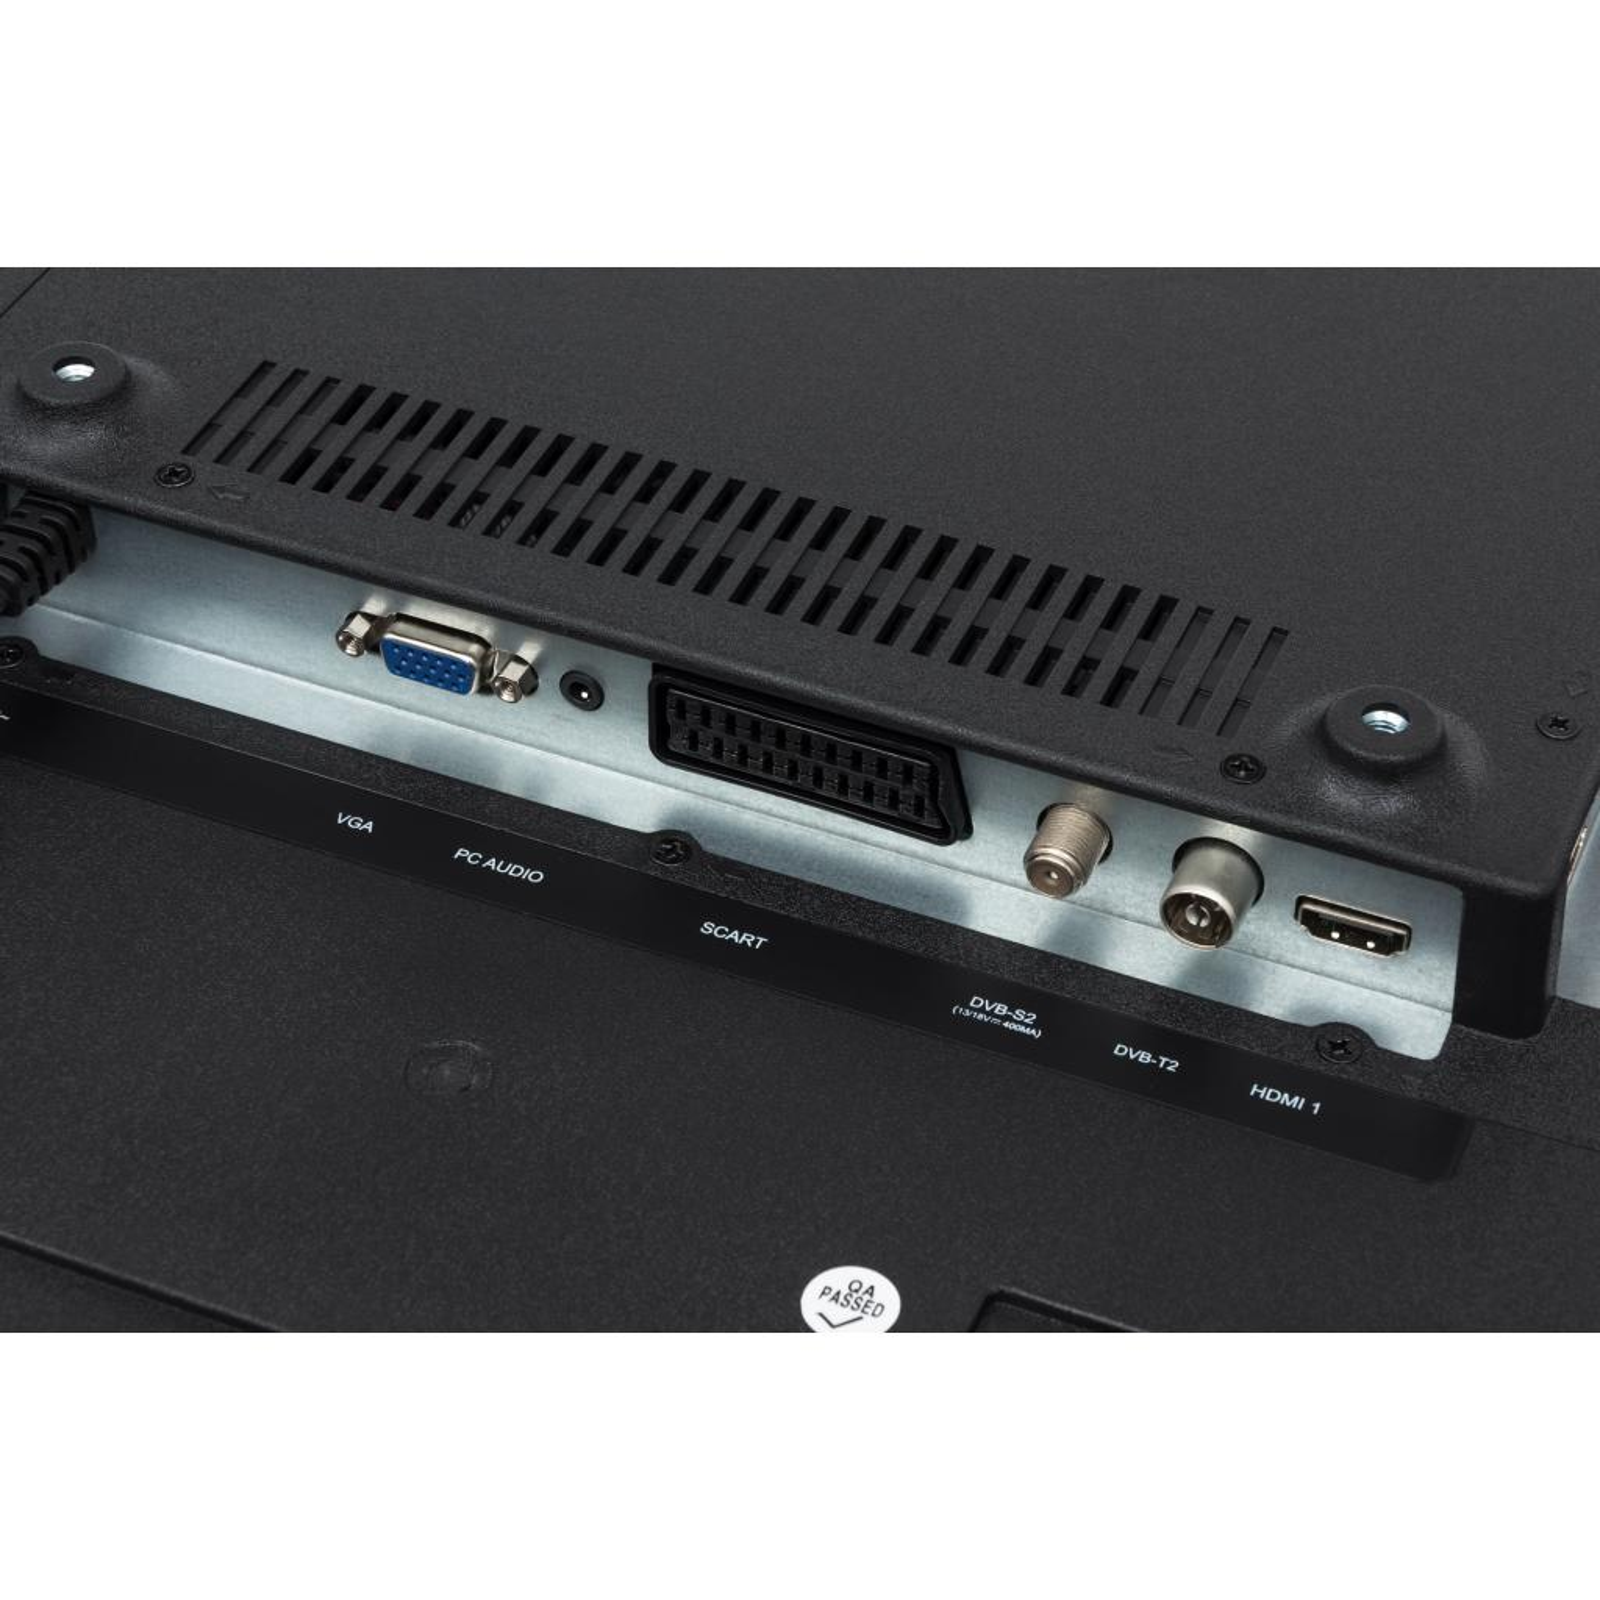 Телевізор Vinga L43FHD23B зображення 10